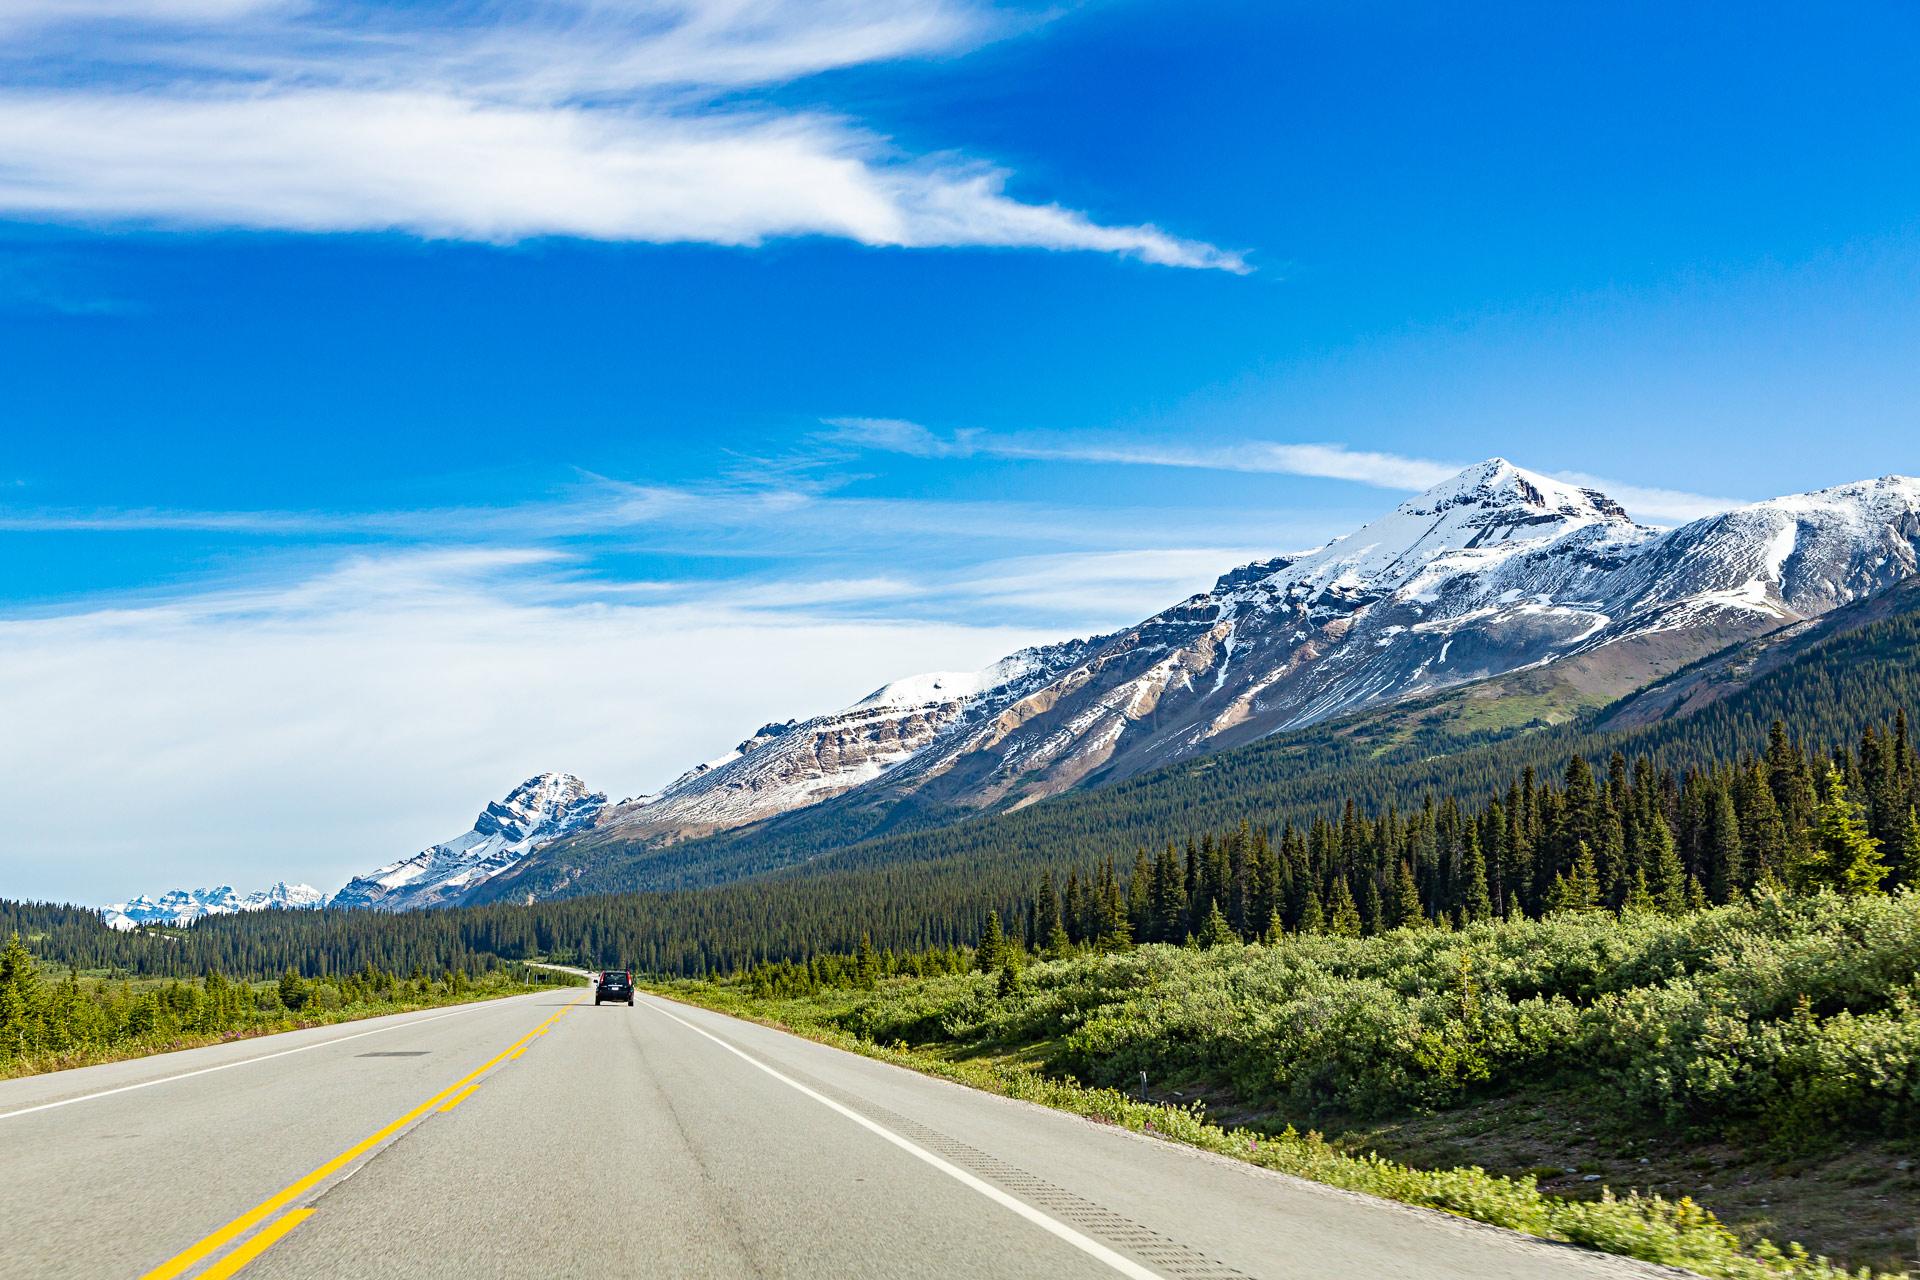 Voyage Canada promenade des Glaciers